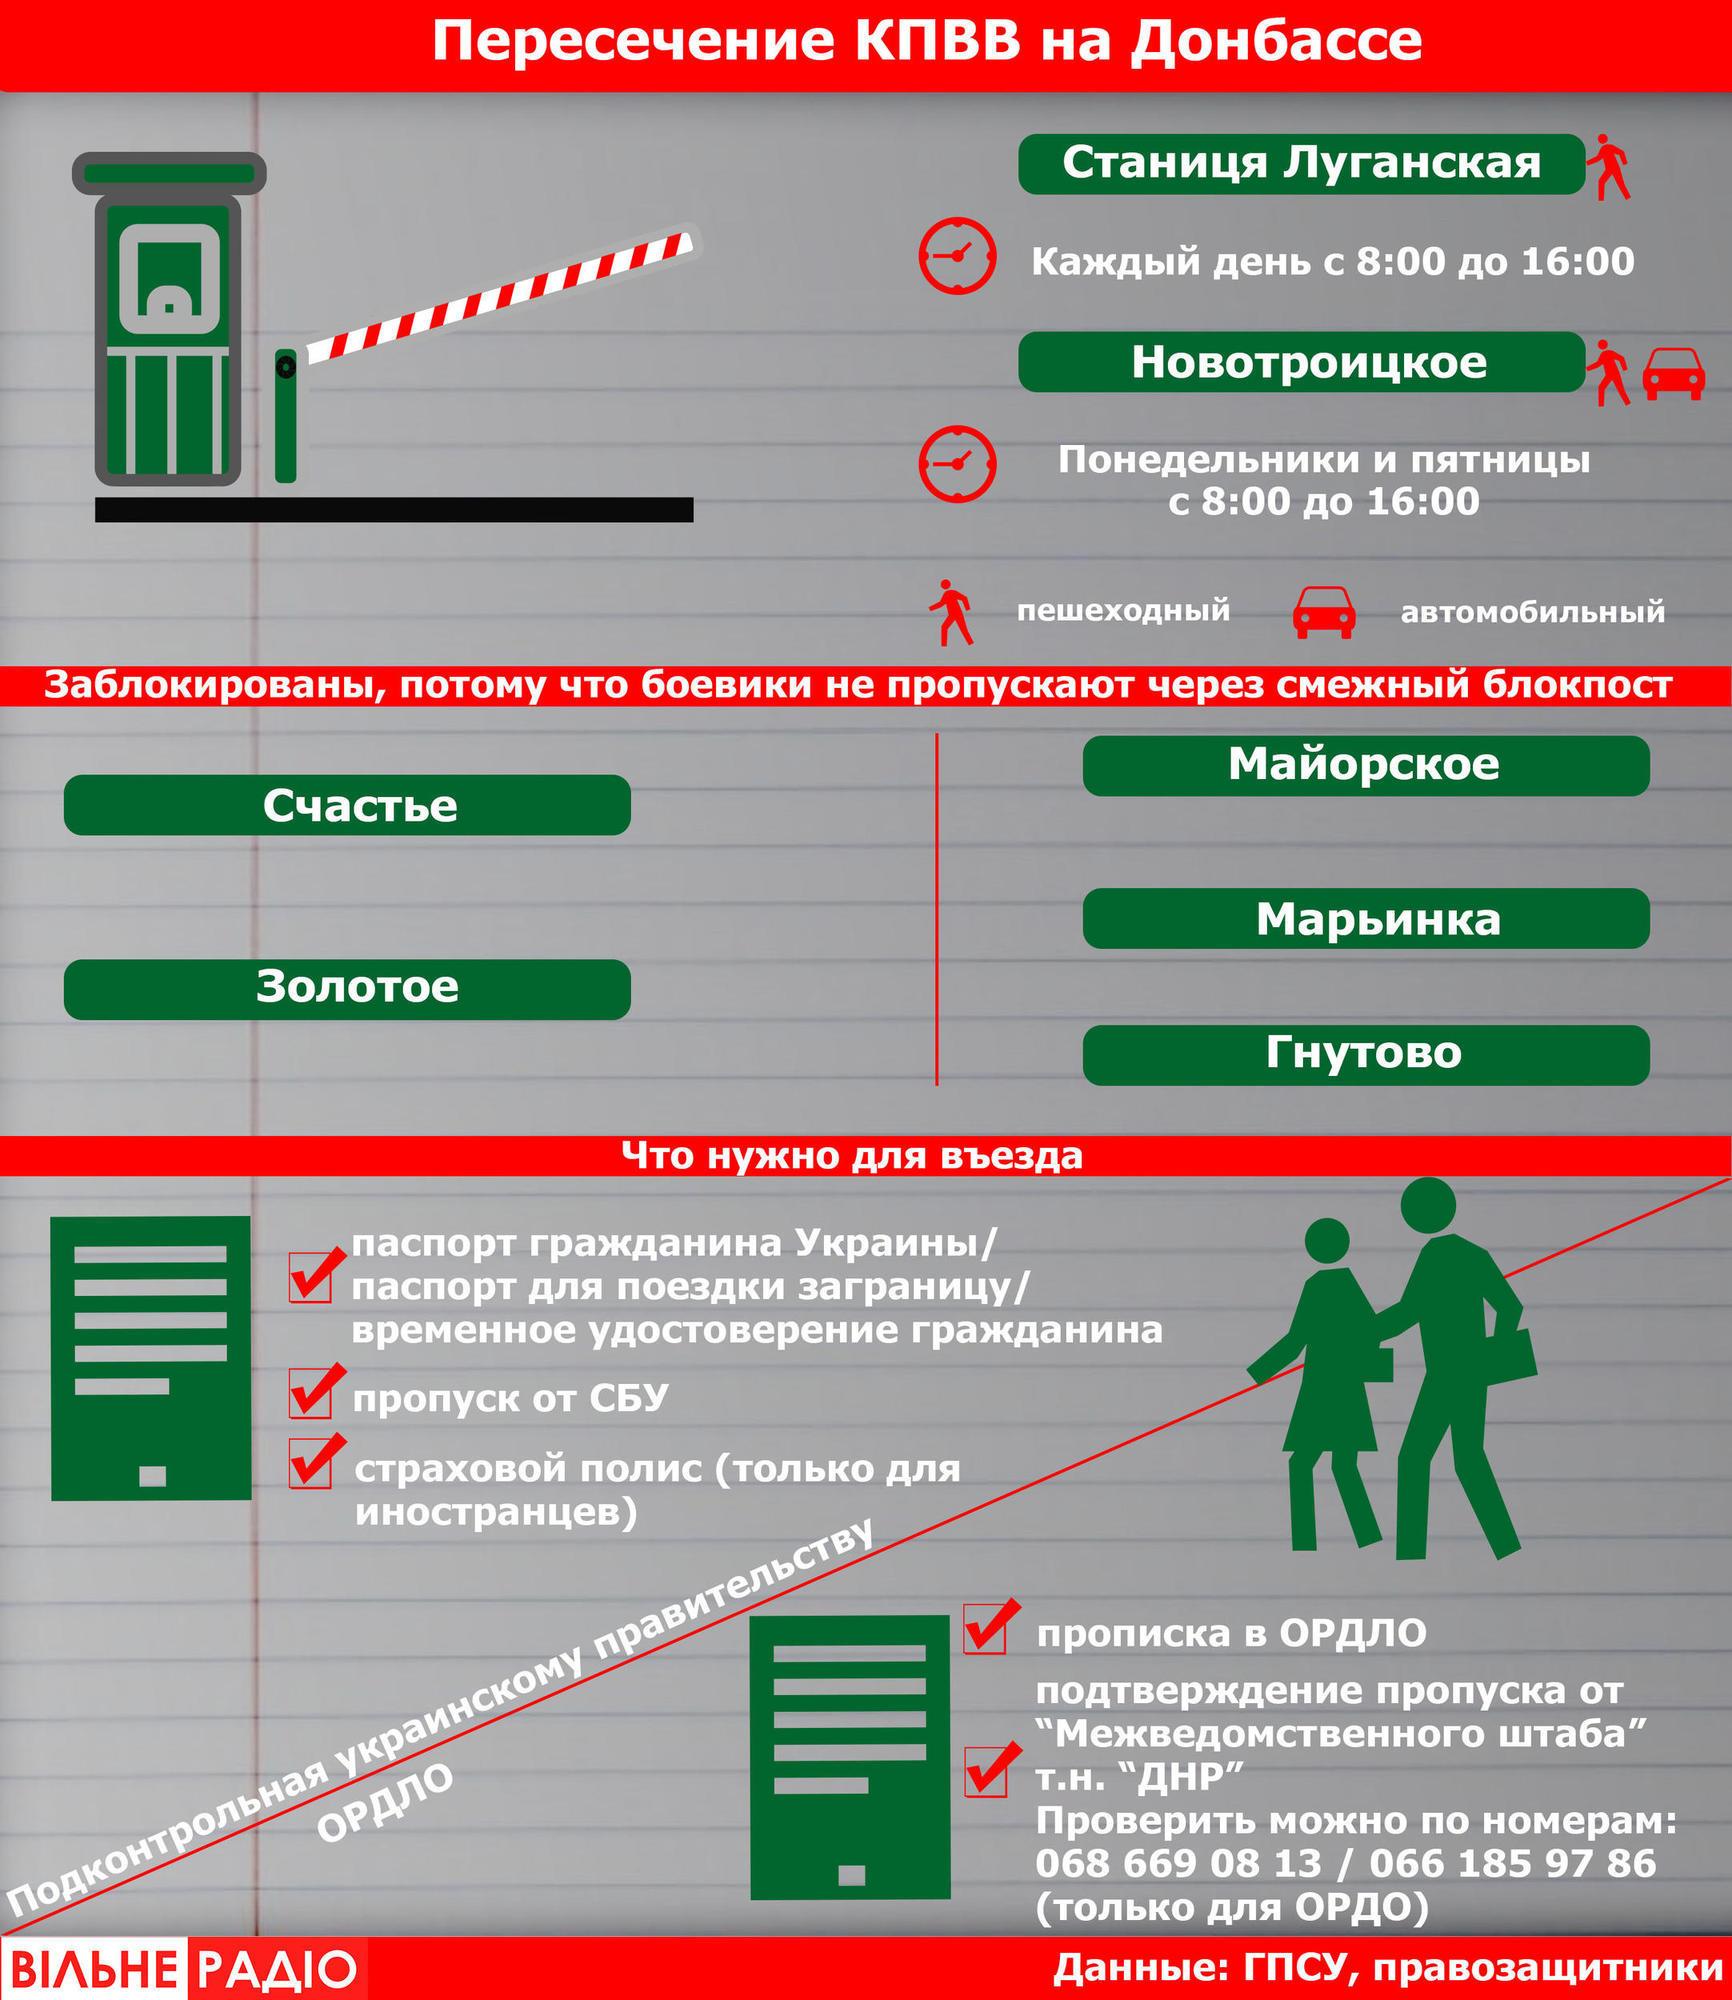 Правила пересечения КПВВ Донбасса